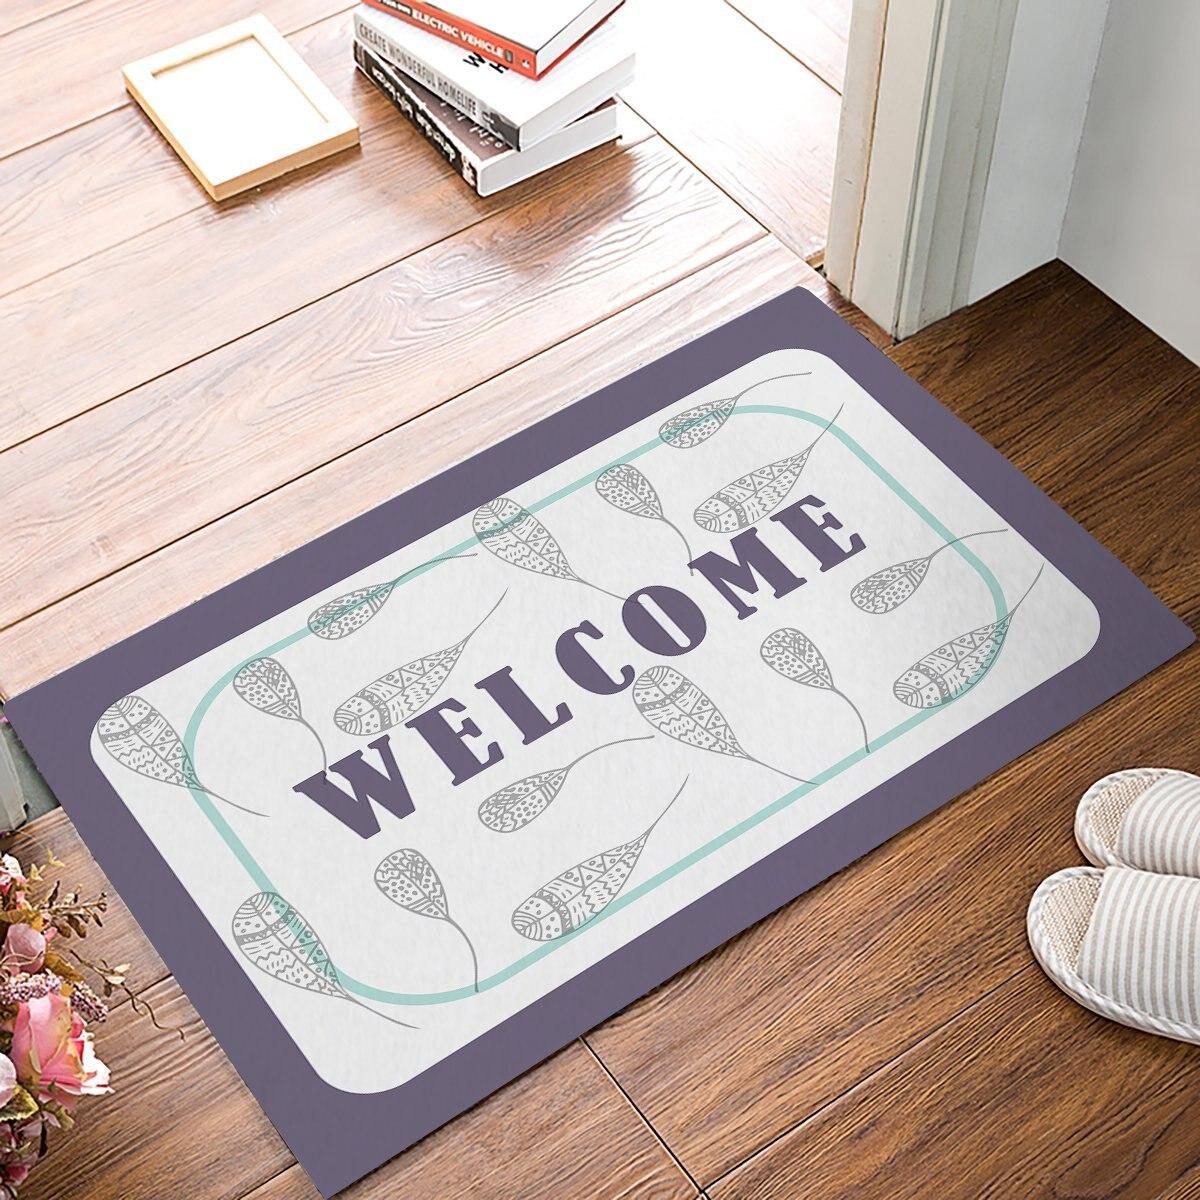 Vintage Welcome - Blue And Yellow Door Mats Kitchen Floor Bath Entrance Rug Mat Absorbent Indoor Bathroom Decor Doormats